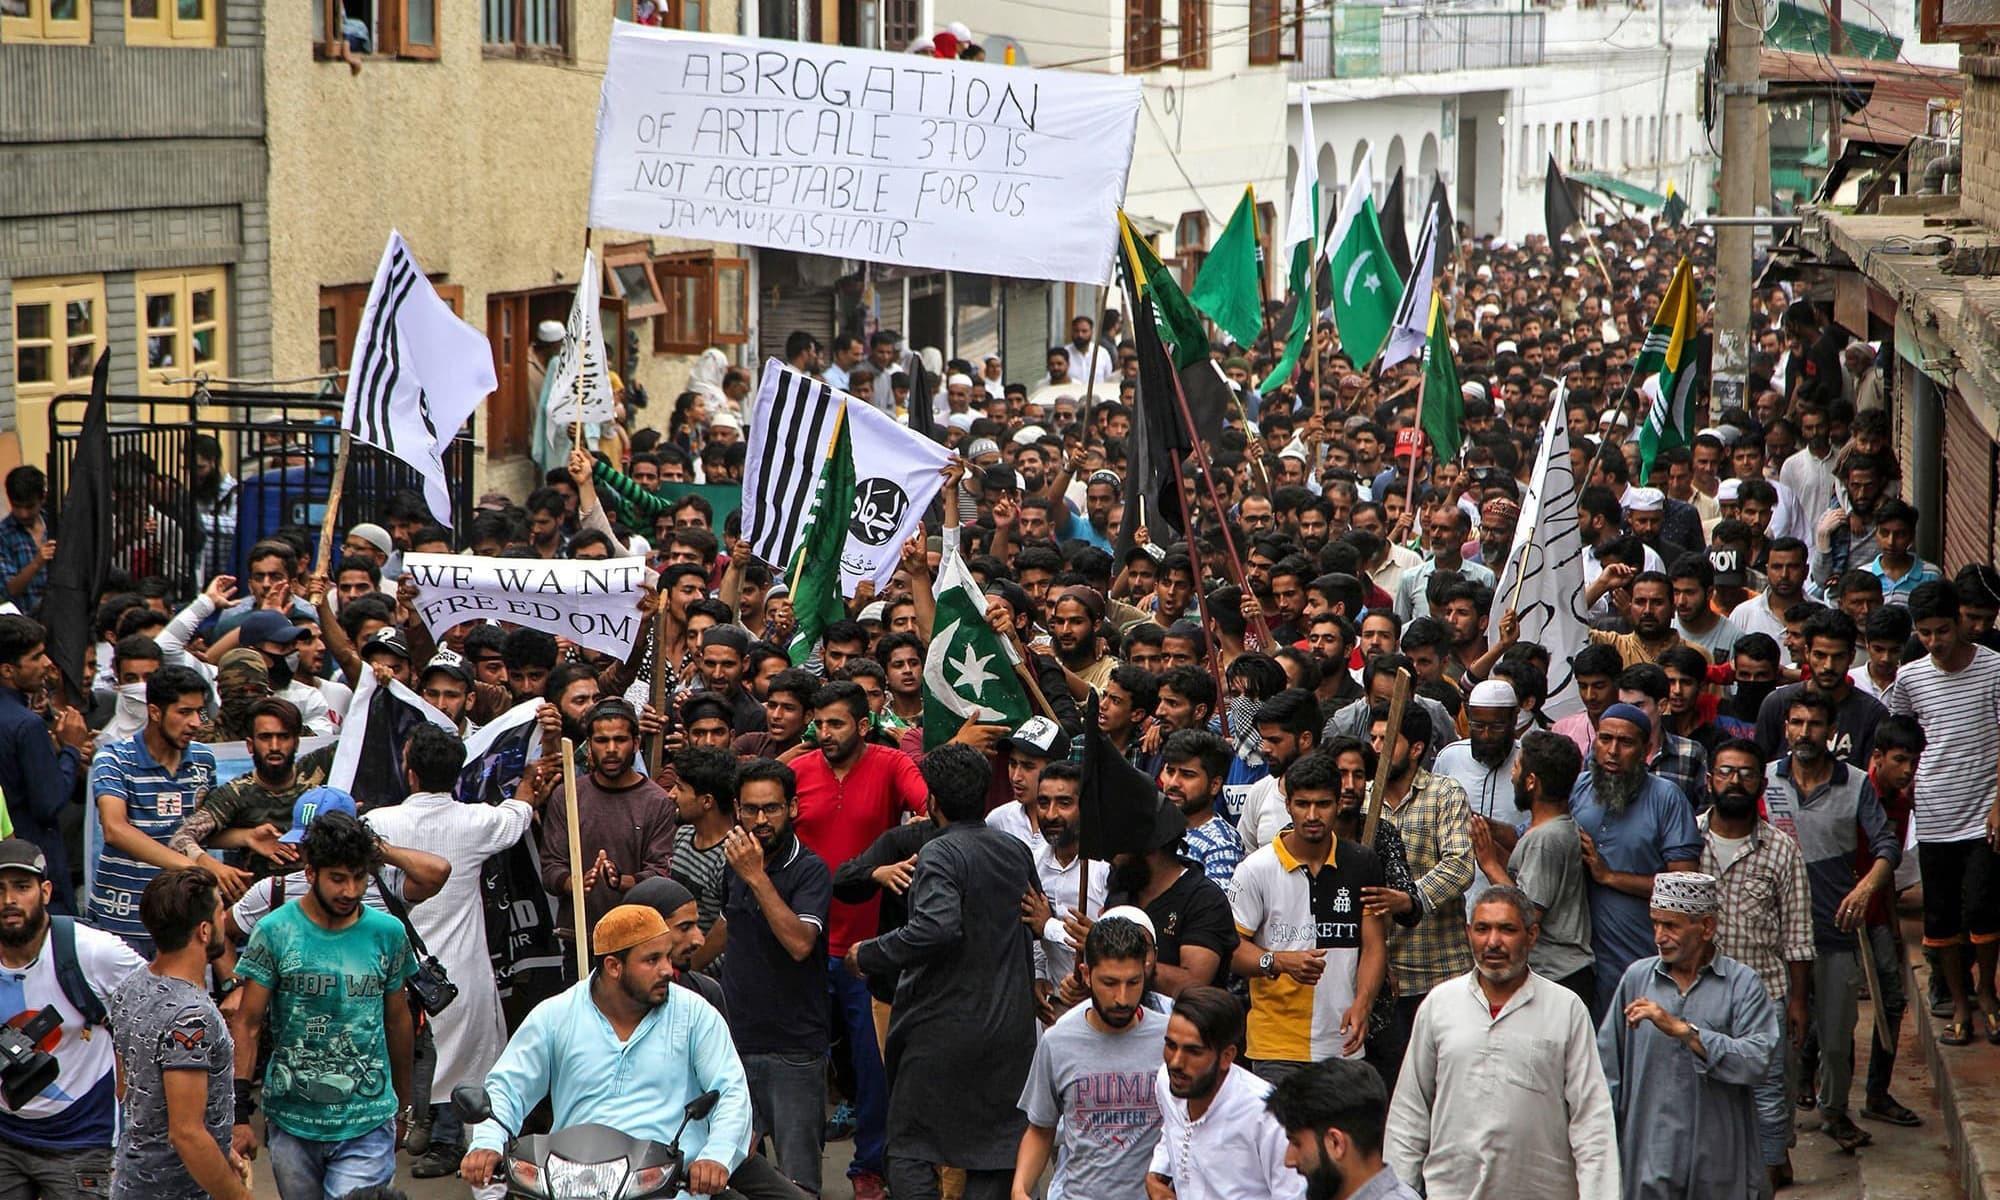 فردوس عاشق اعوان نے کہا کہ کشمیر کی آزادی کے بغیر پاکستان کا یوم آزادی نامکمل ہے — فائل فوٹو: اے ایف پی